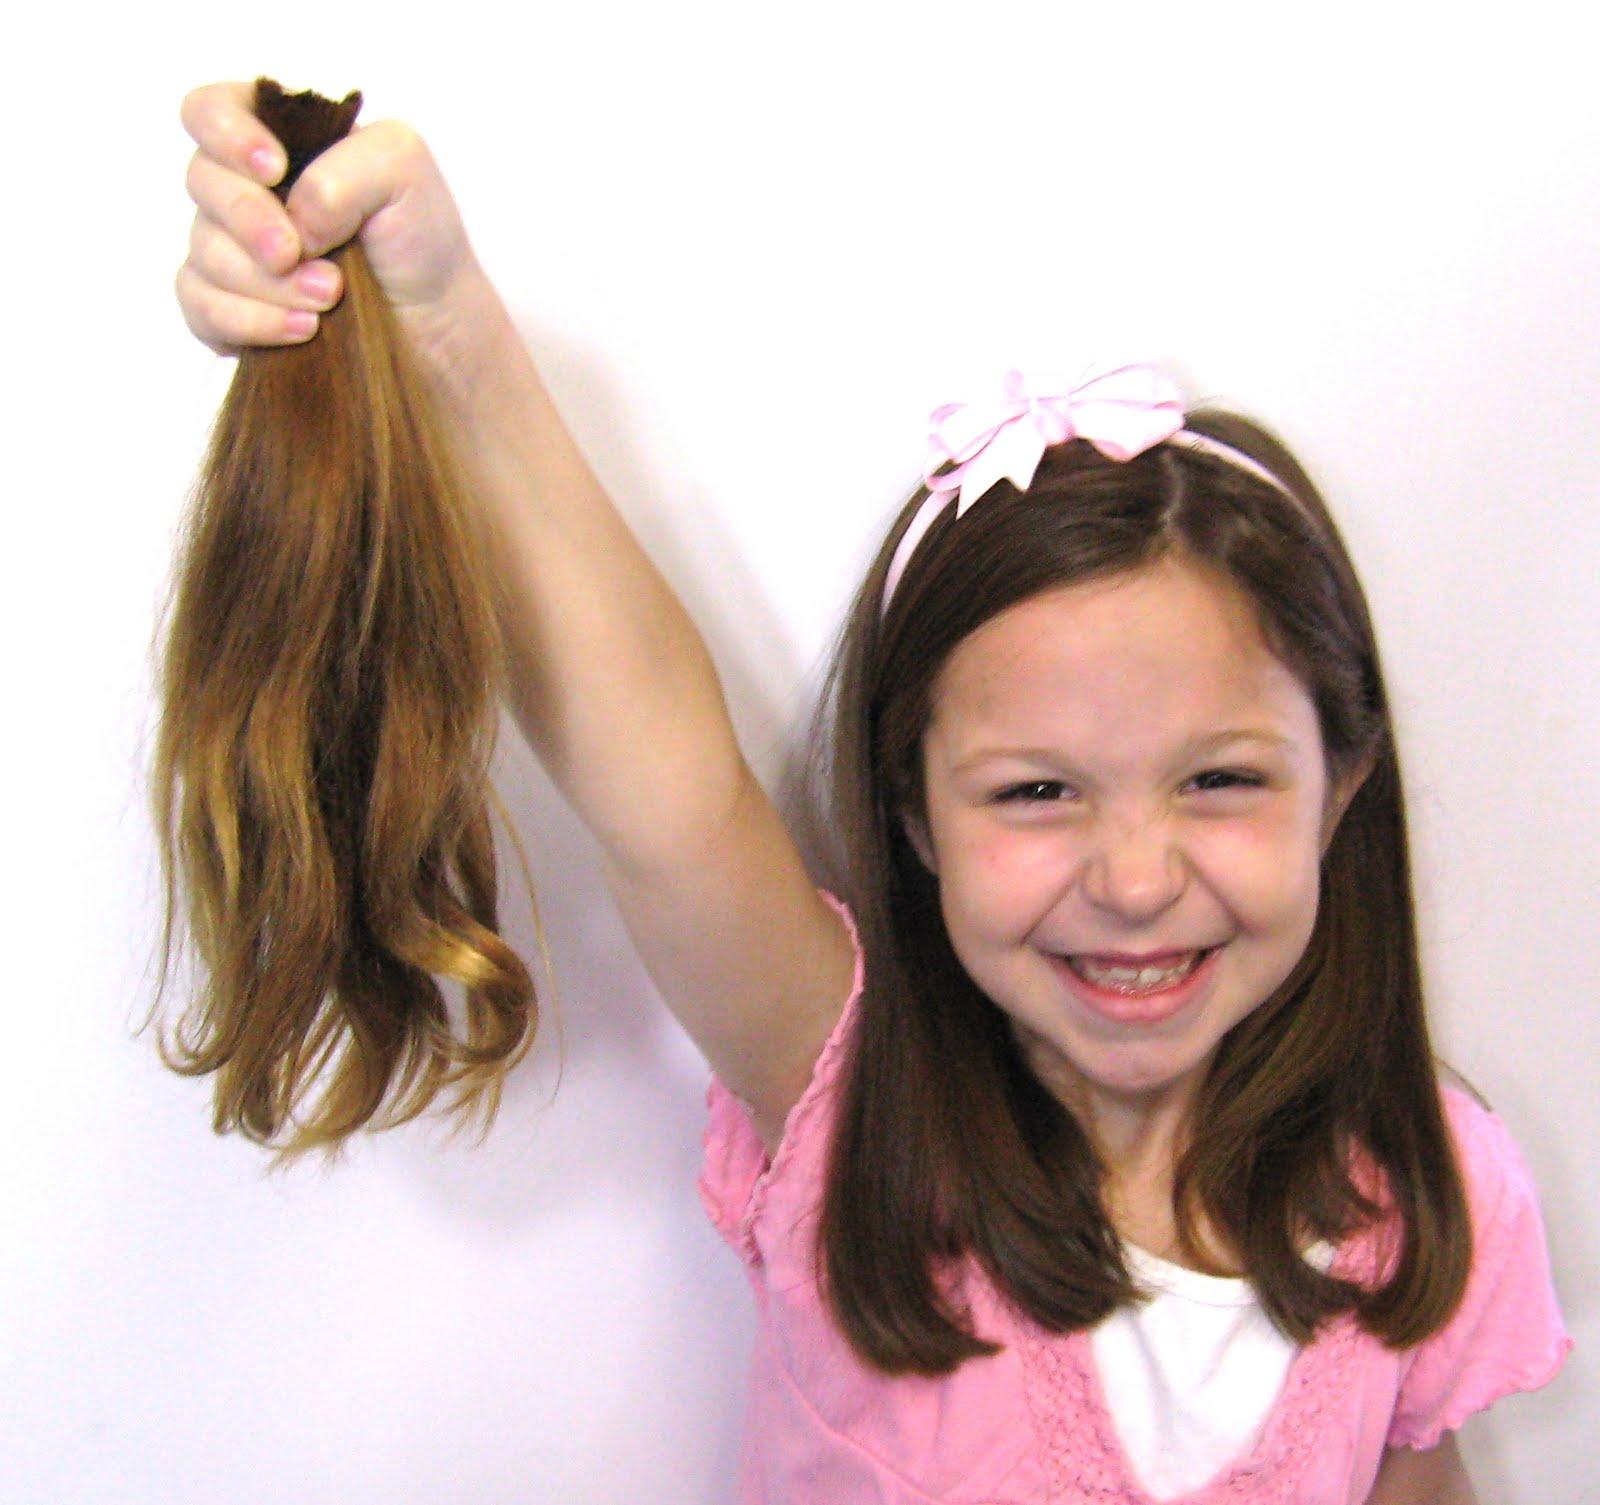 locks-of-love-donate-hair.jpg